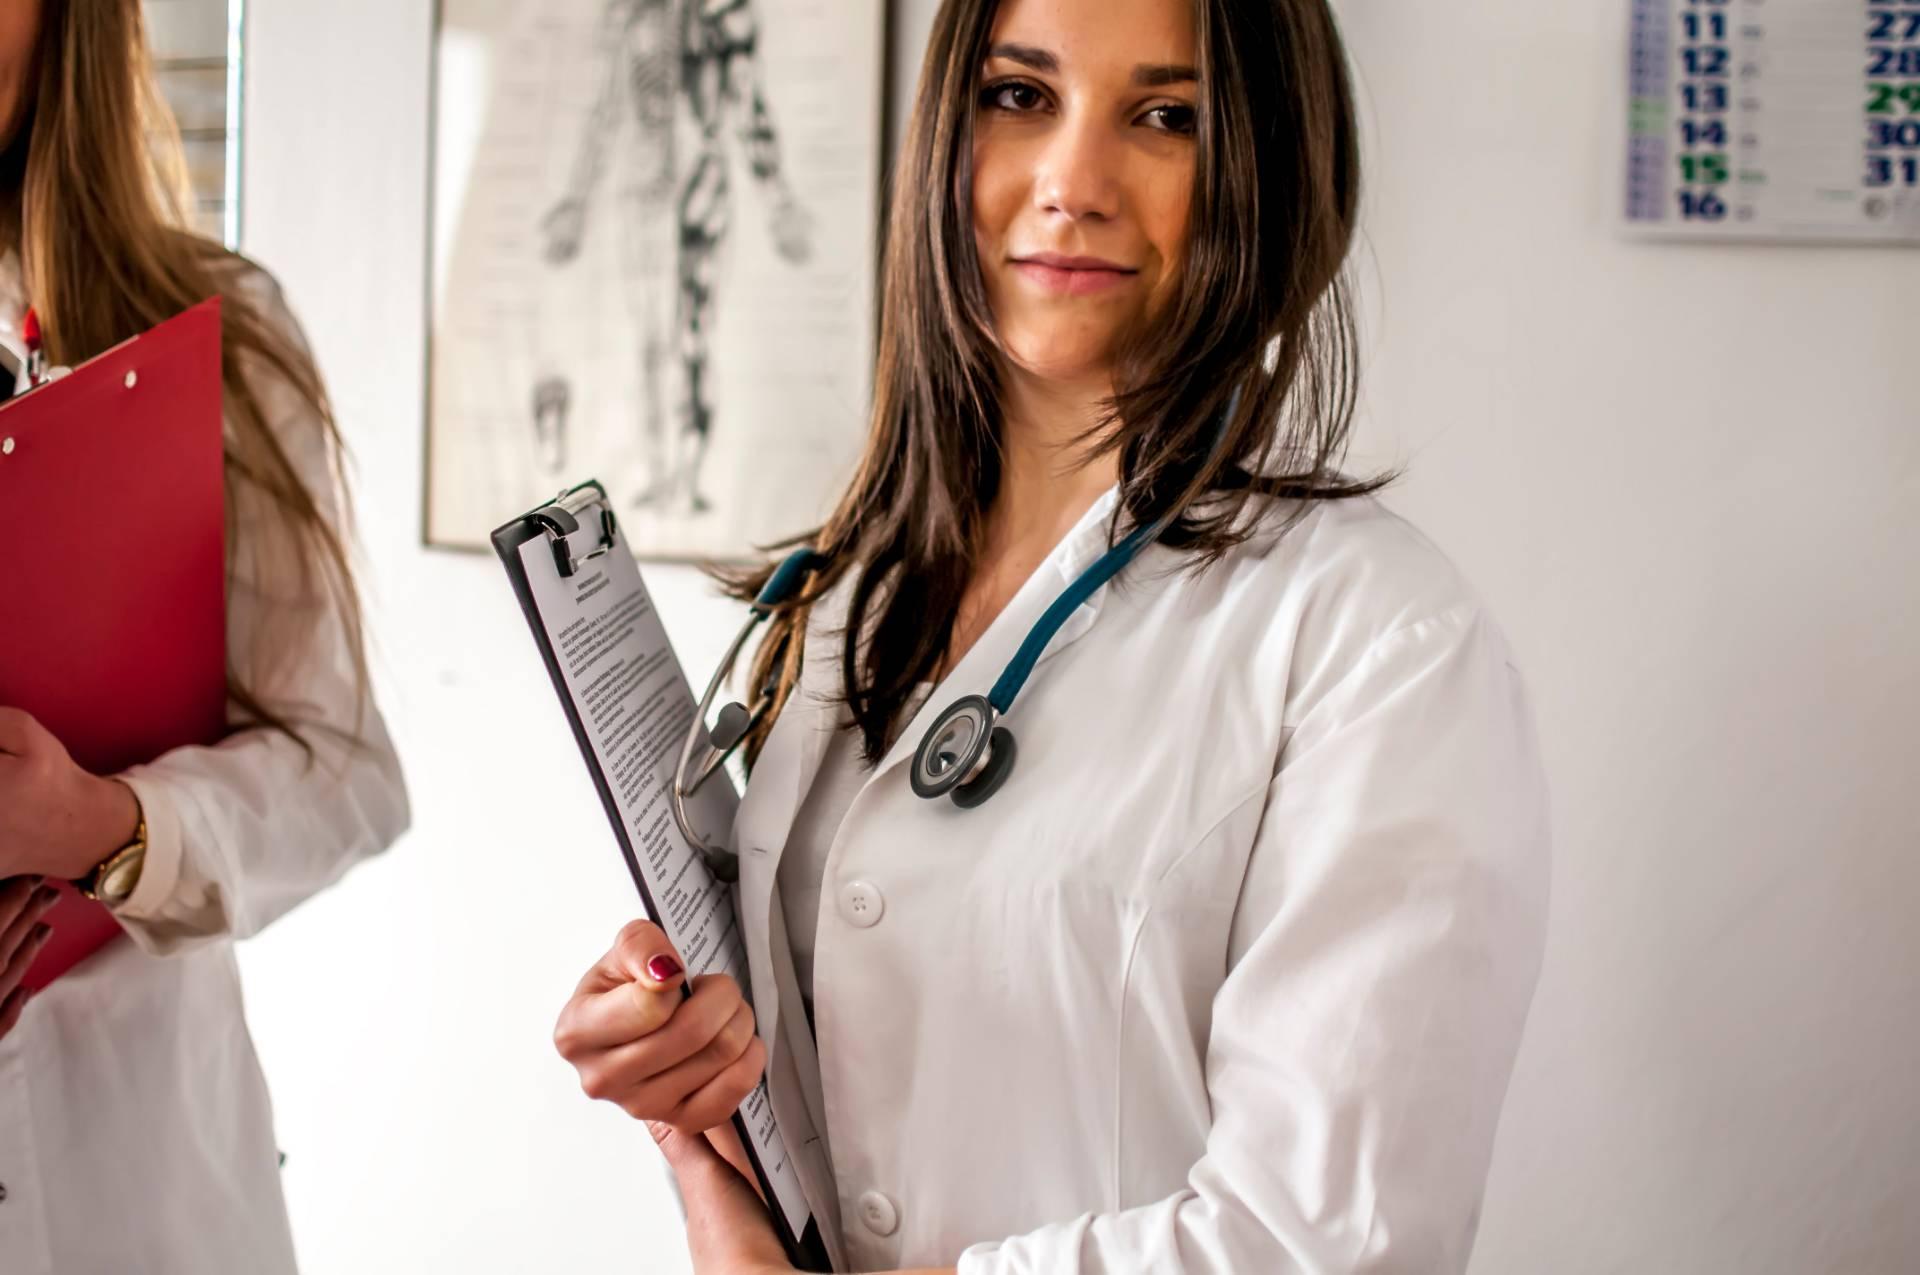 Las 6 cualidades del enfermero perfecto - Orientador Online